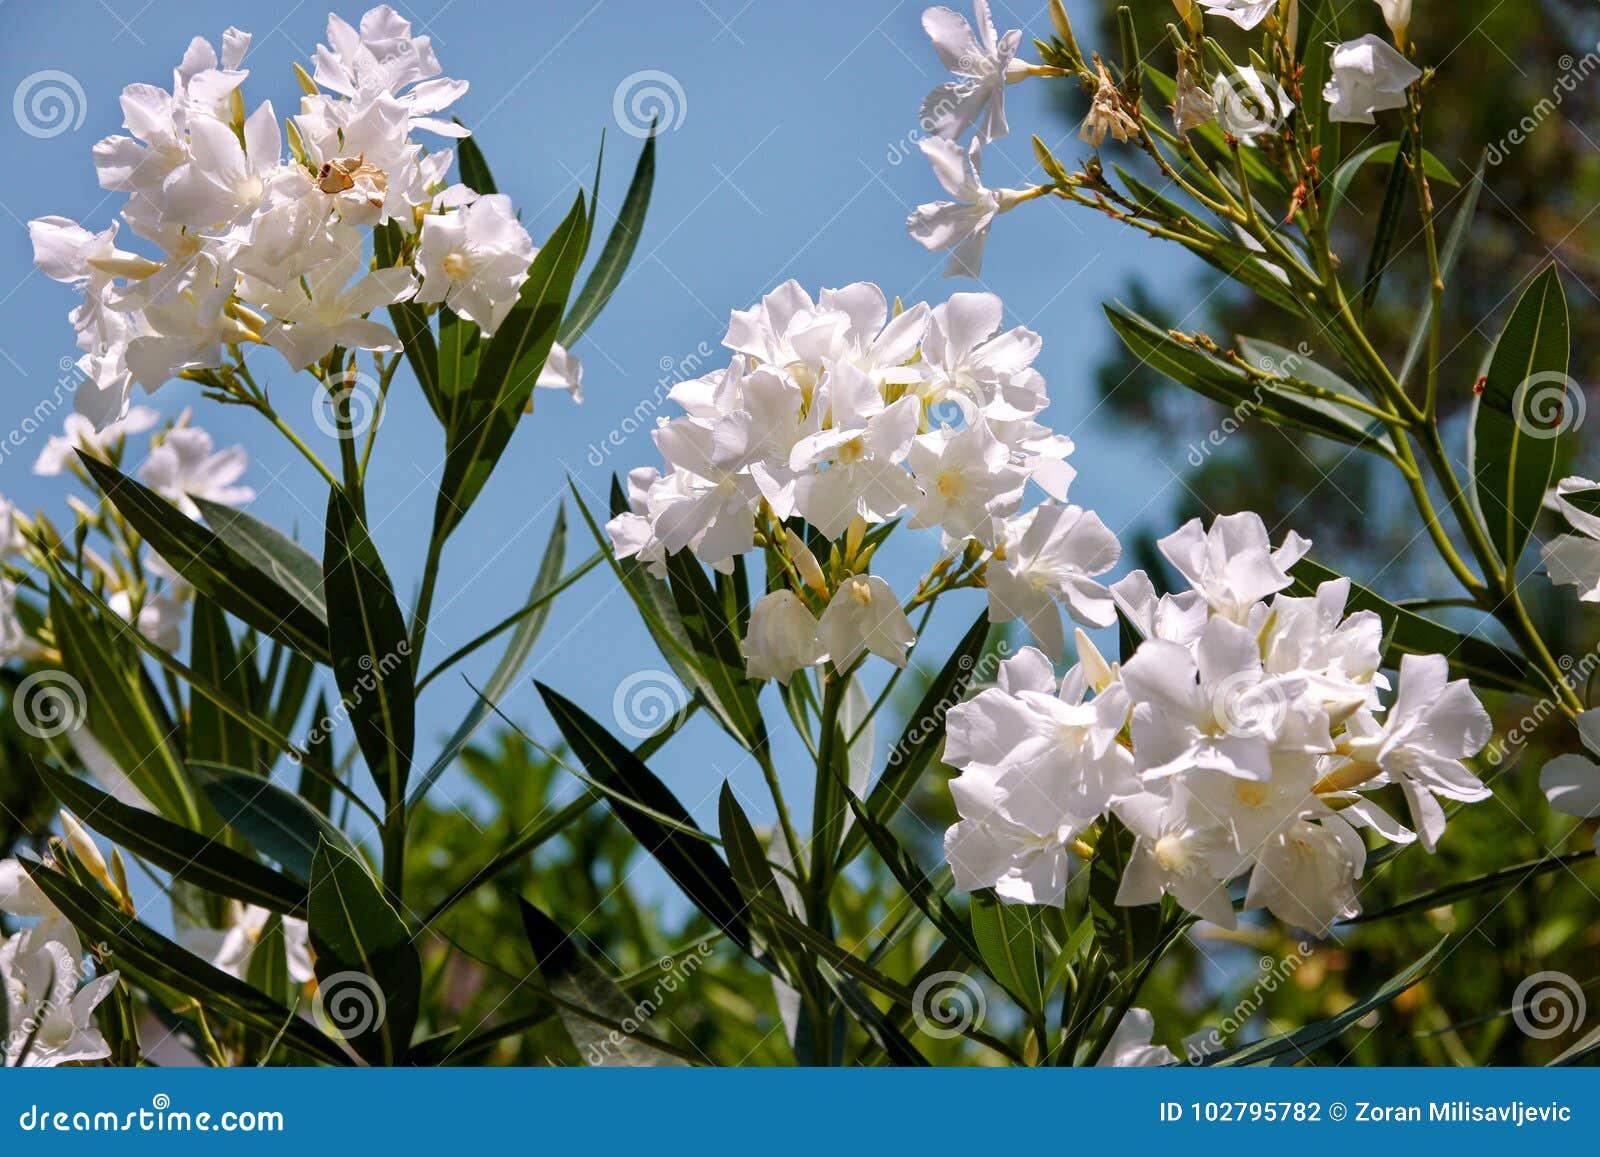 White Oleander Flowers Stock Photo Image Of Plant Paradise 102795782